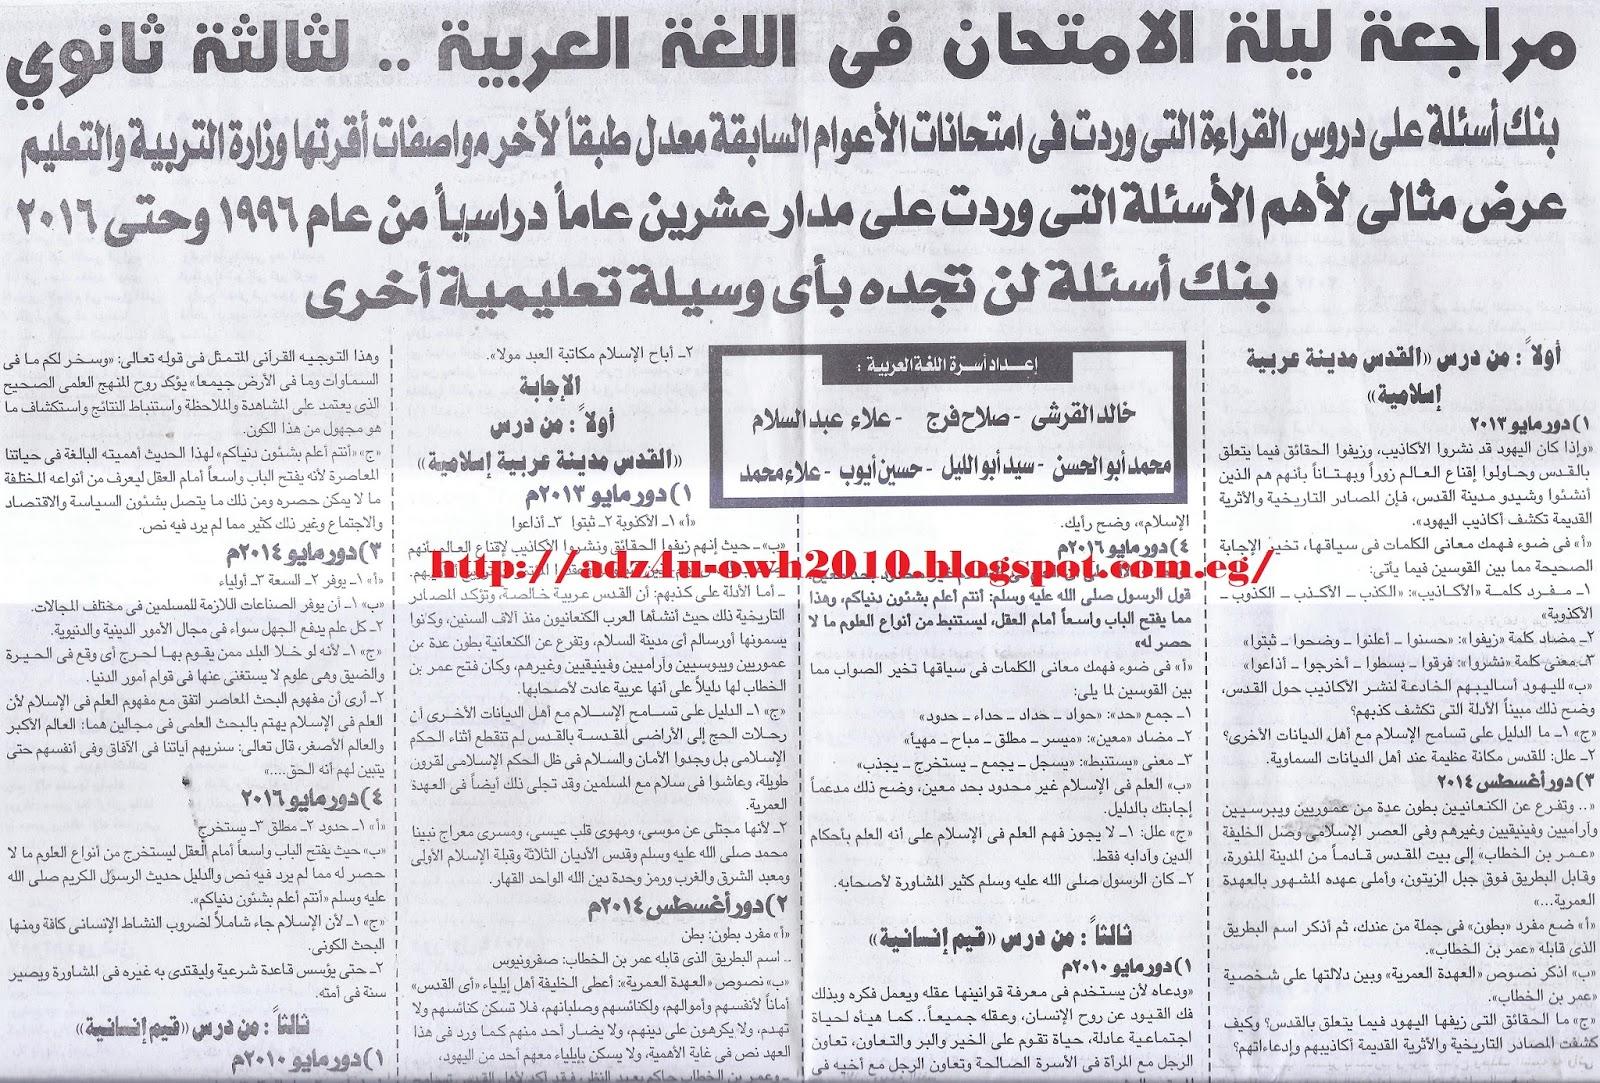 مراجعة وتوقعات ملحق الجمهورية الاخيرة في اللغة العربية للثانوية العامة 5